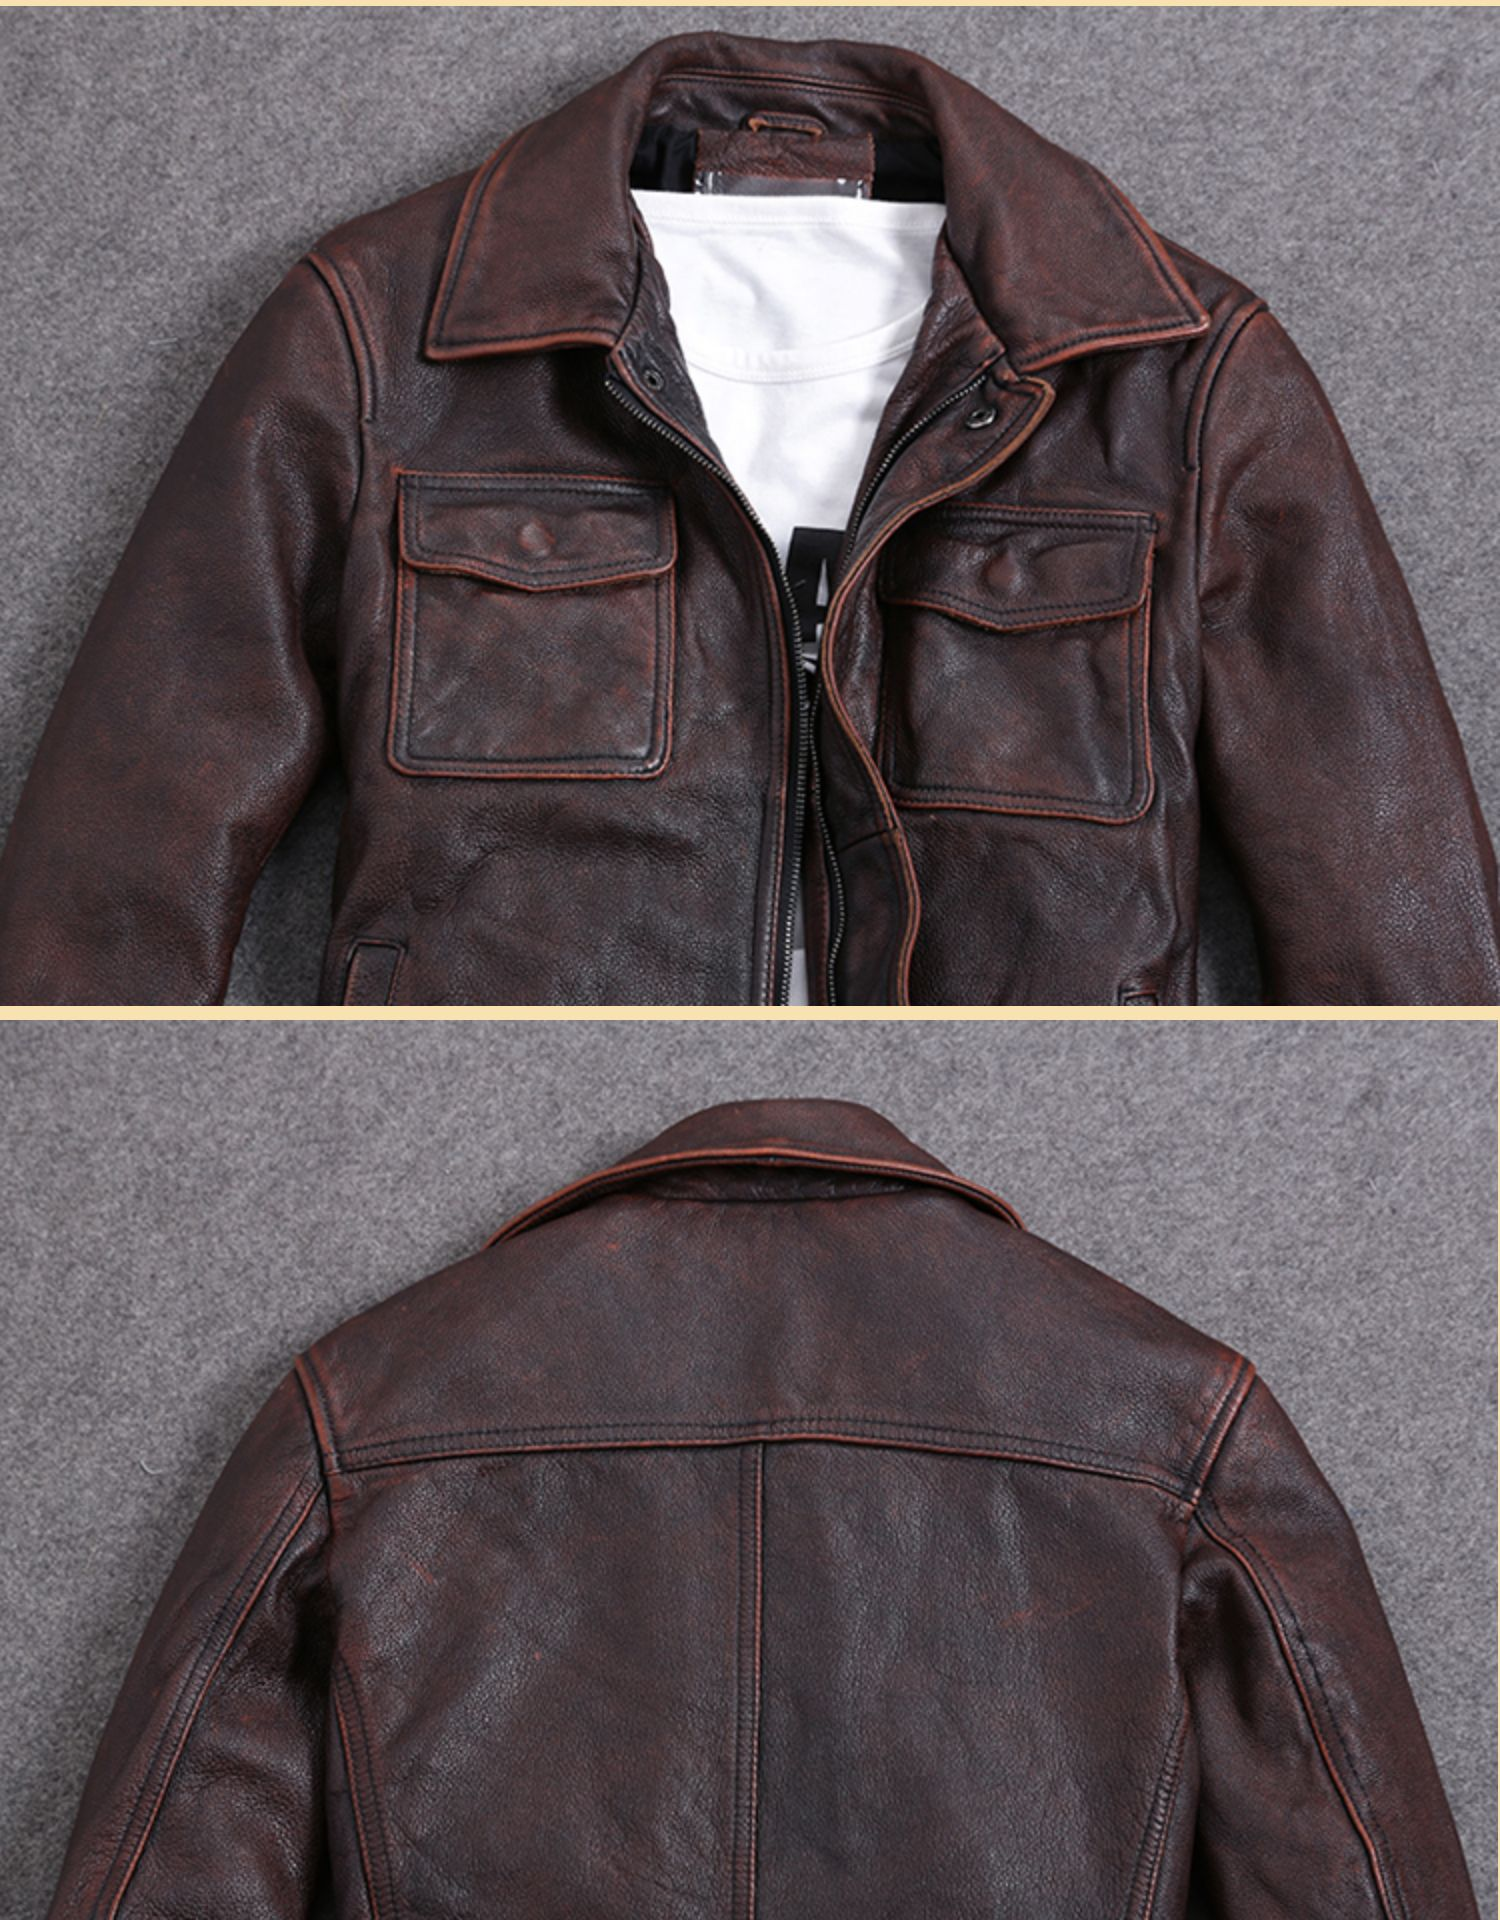 Hdbc293730e094aa7af1f5a421d05611f0 AYUNSUE Vintage Genuine Cow Leather Jacket Men Plus Size Cowhide Leather Coat Slim Short Jacket Veste Cuir Homme L-Z-14 YY1366